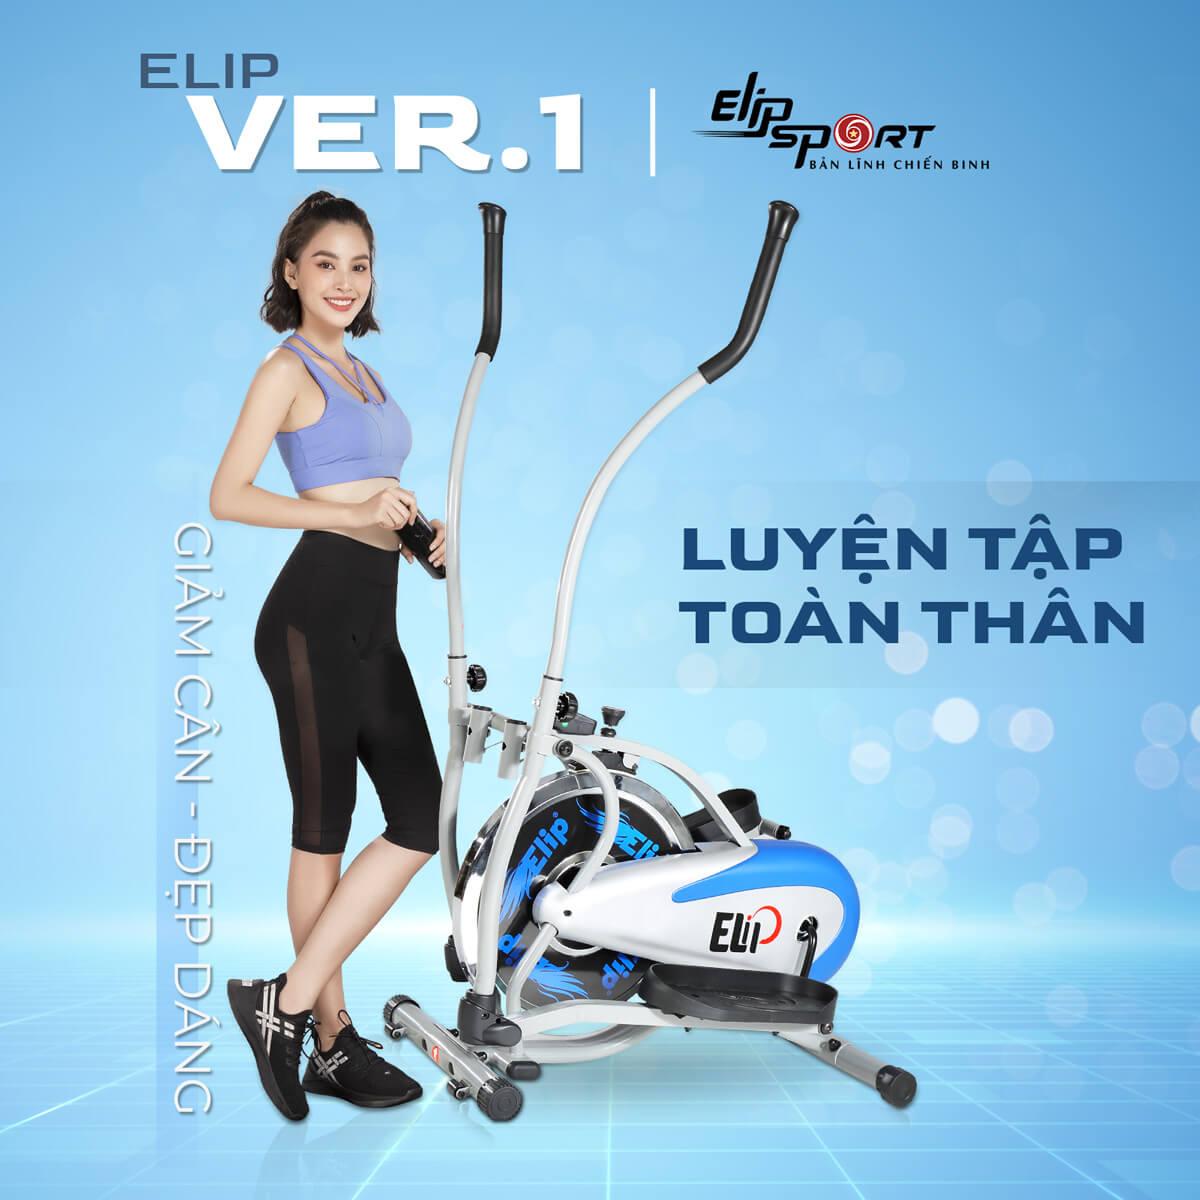 xe đạp tập ELIP ver 1